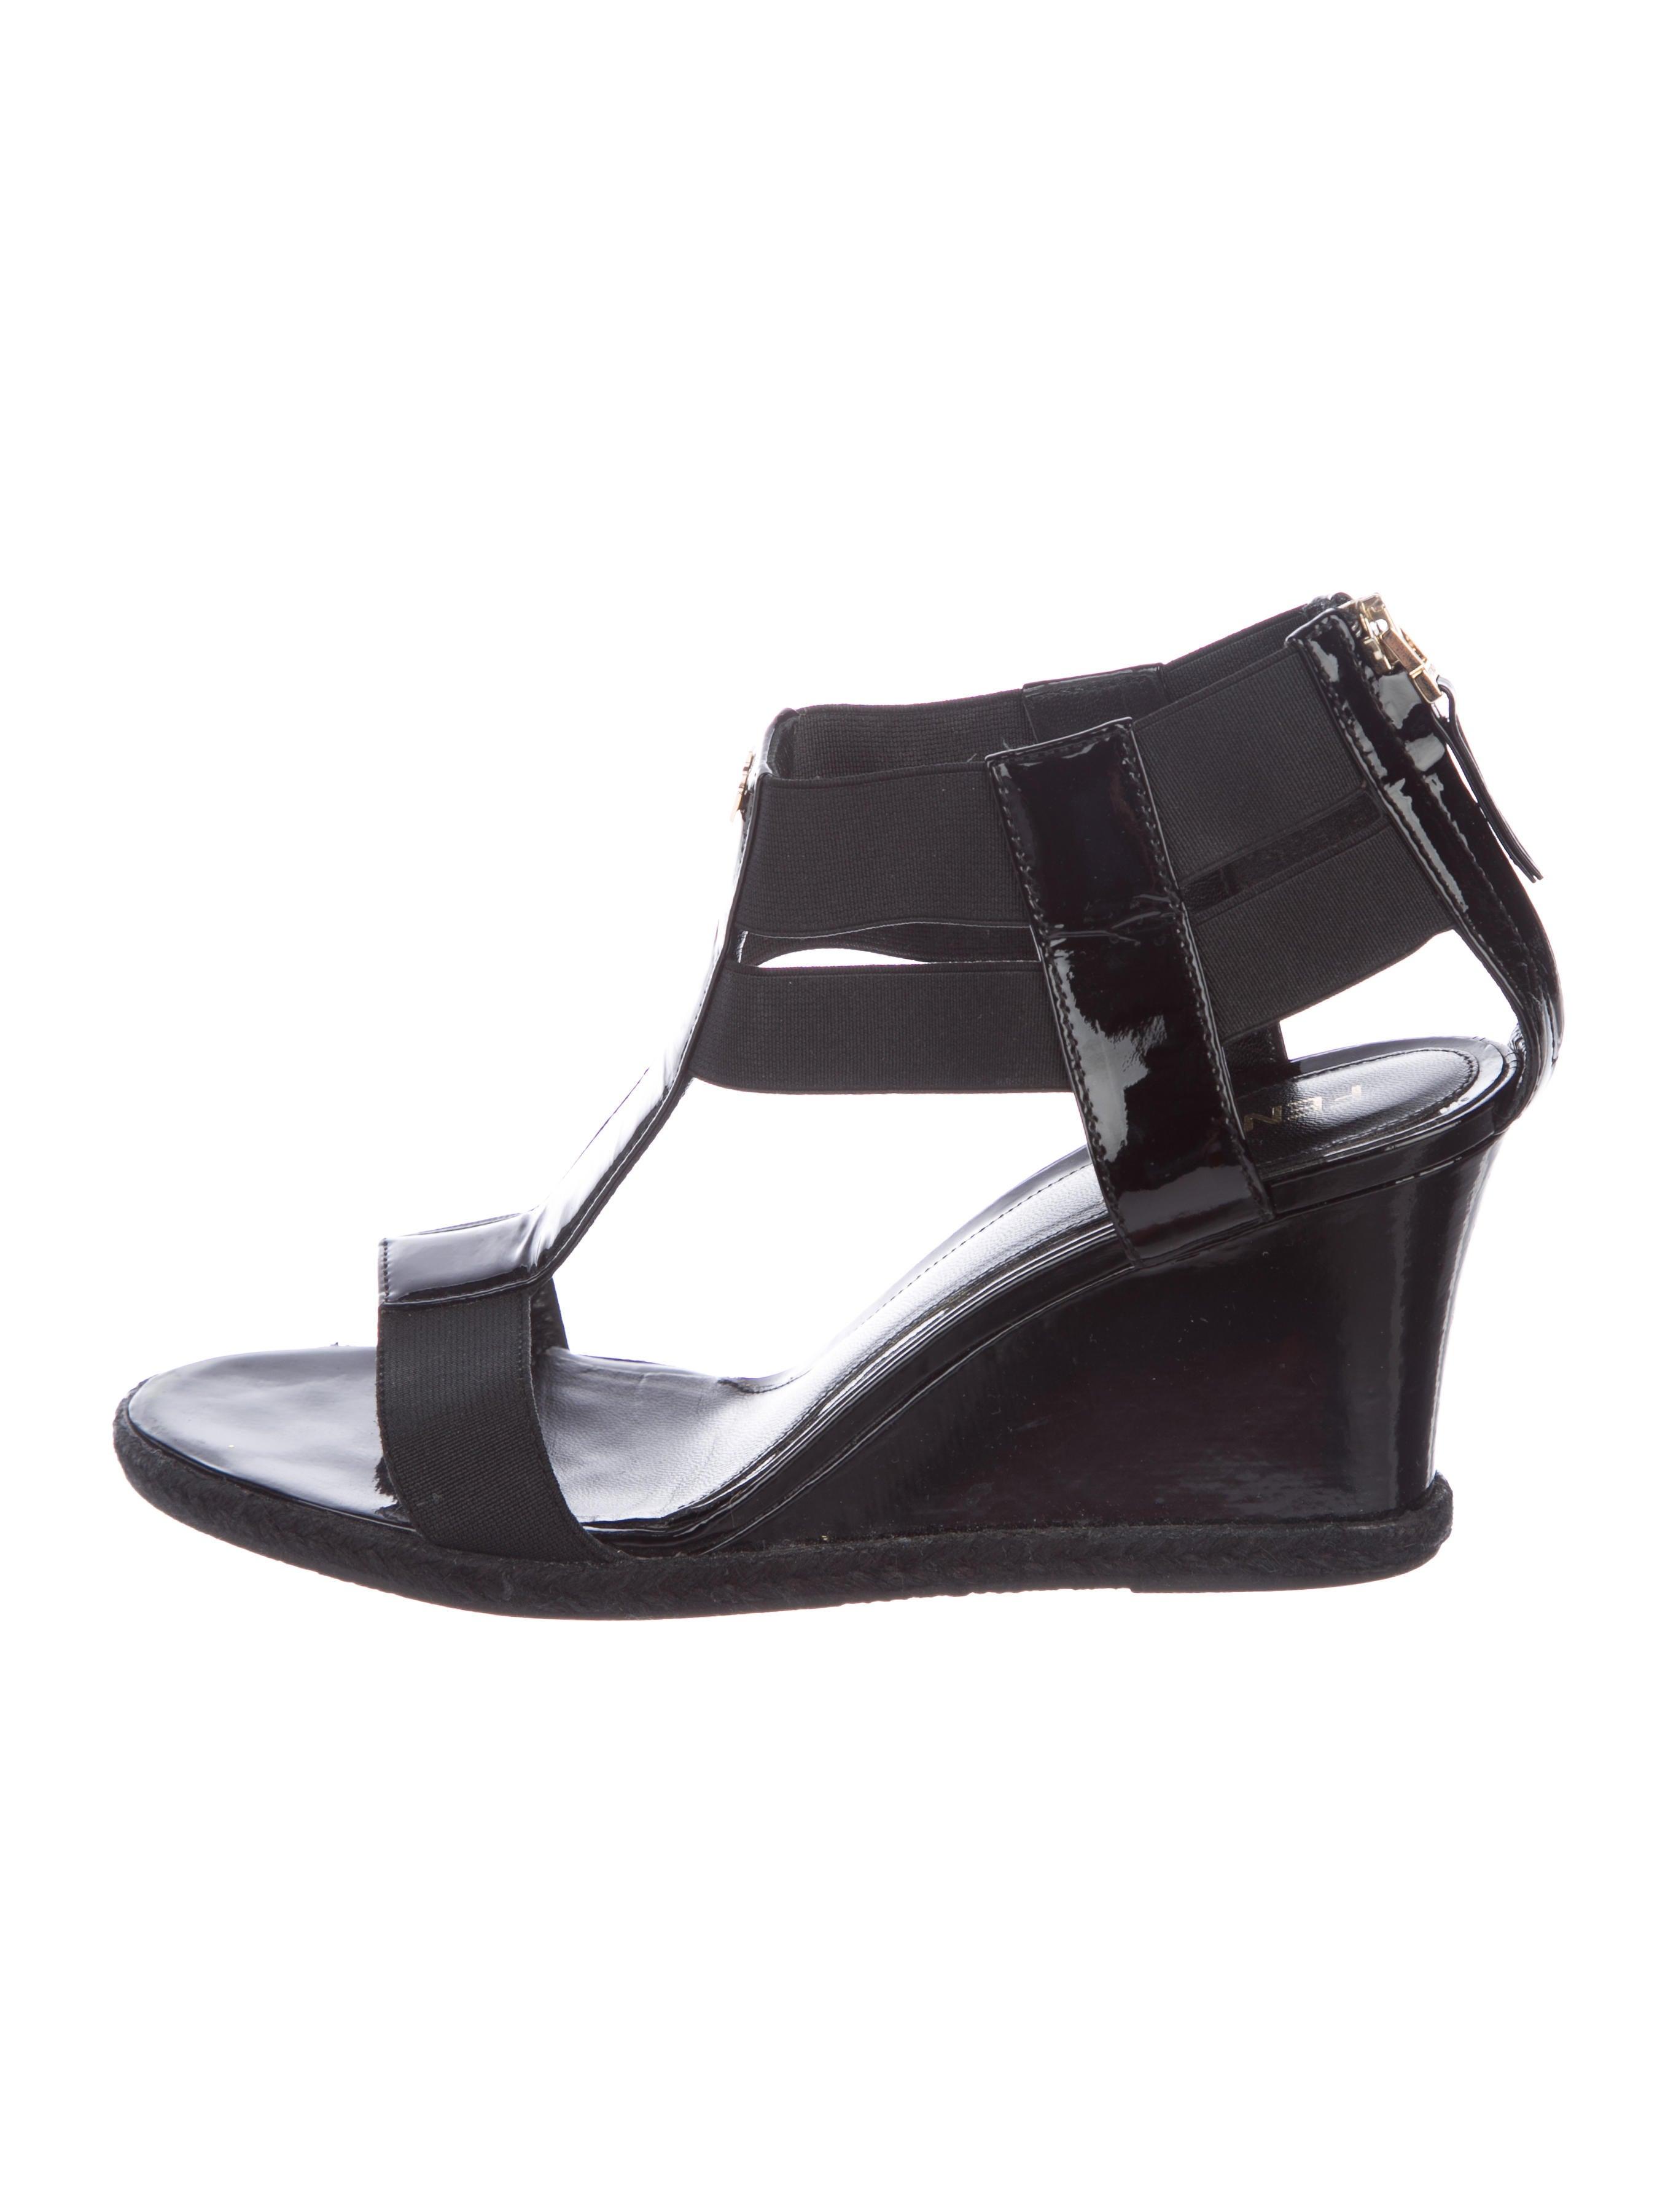 enjoy sale online Fendi Cutout Wedge Sandals latest for sale wUza2